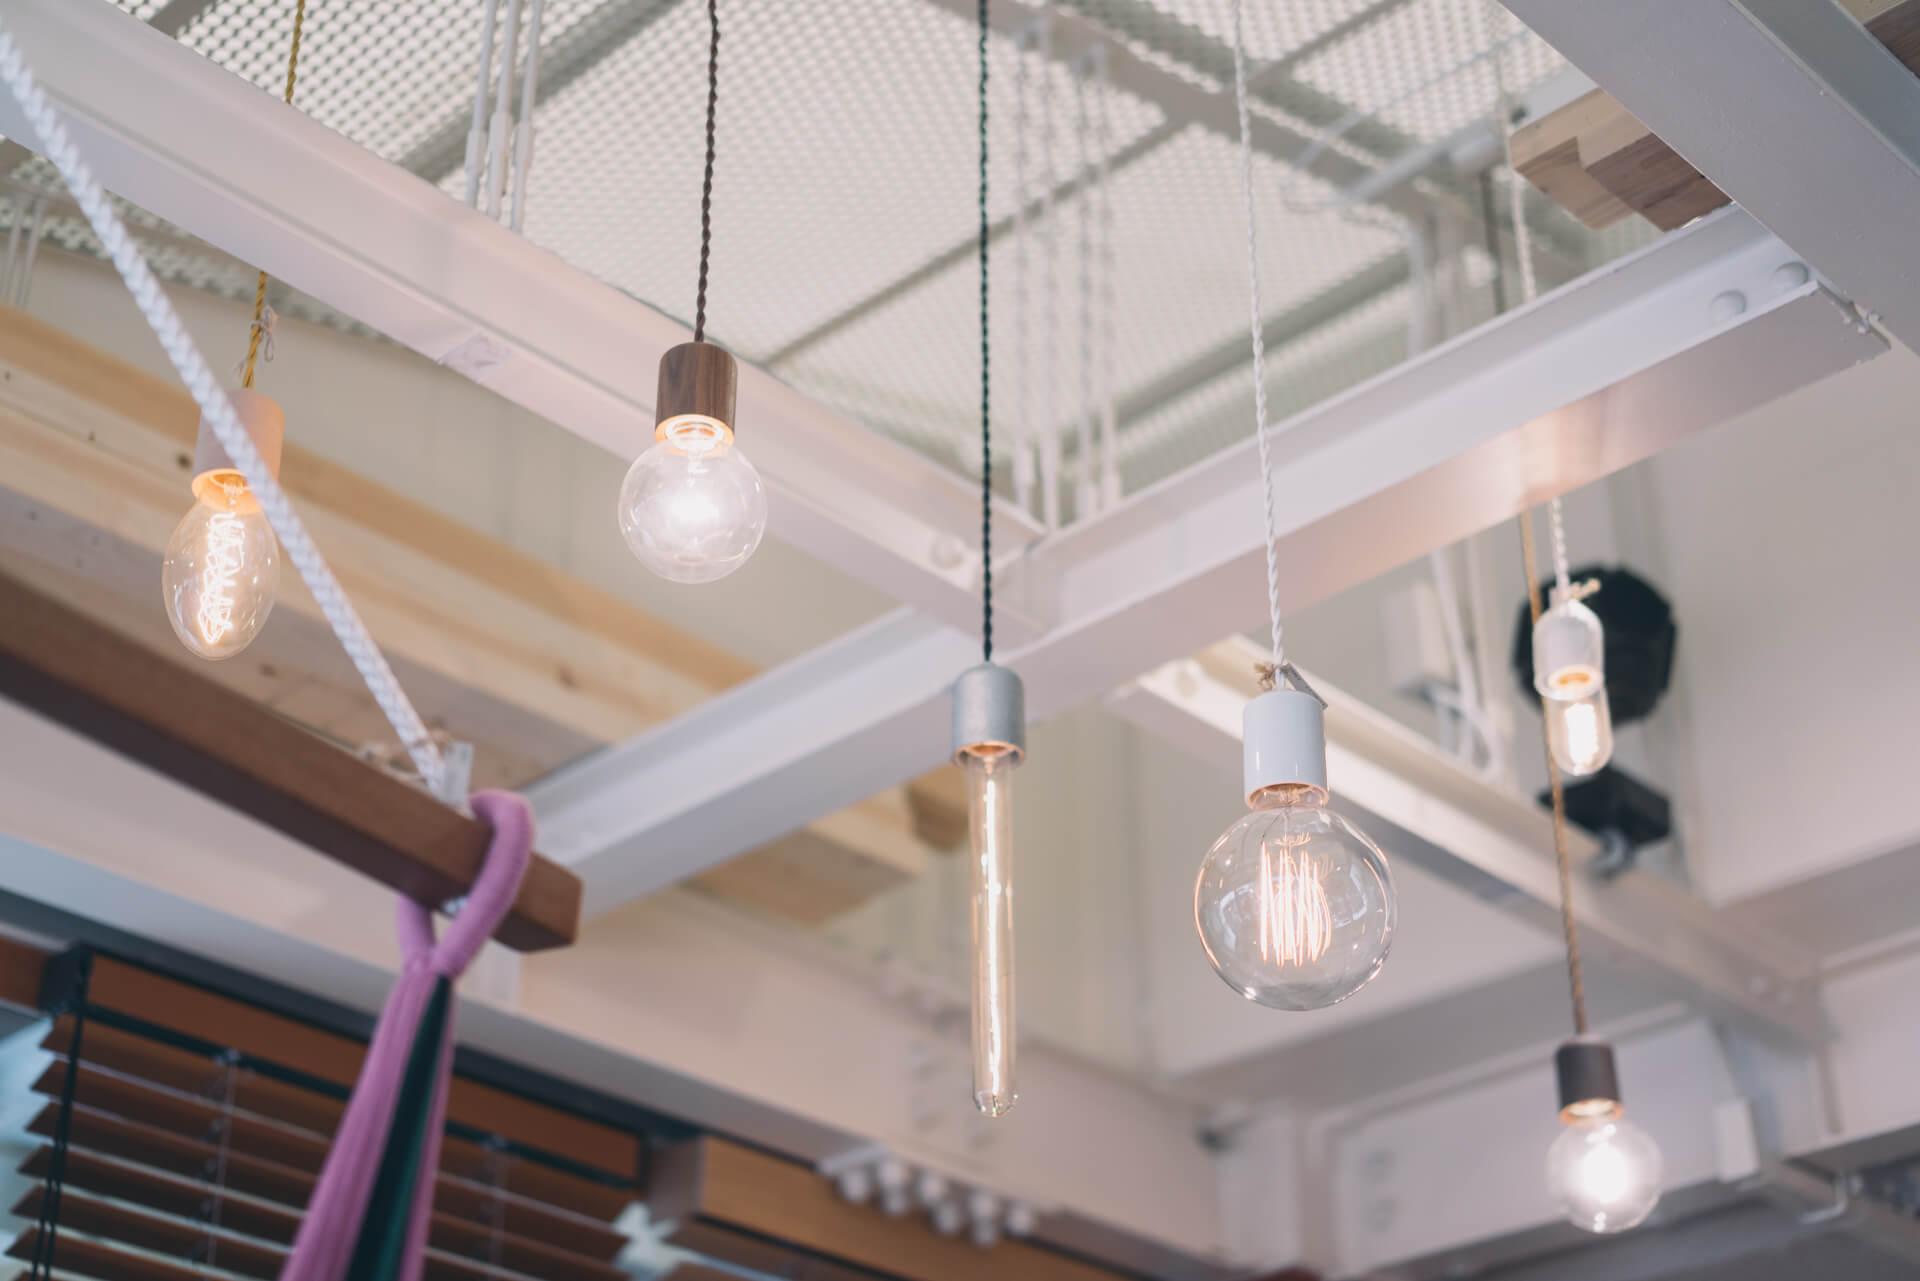 照明も、シンプルな形でありながらソケットの材質を陶器や鉄、ヒノキやサクラなど14種類もの中から選べます。(toolboxの紹介記事はこちら)